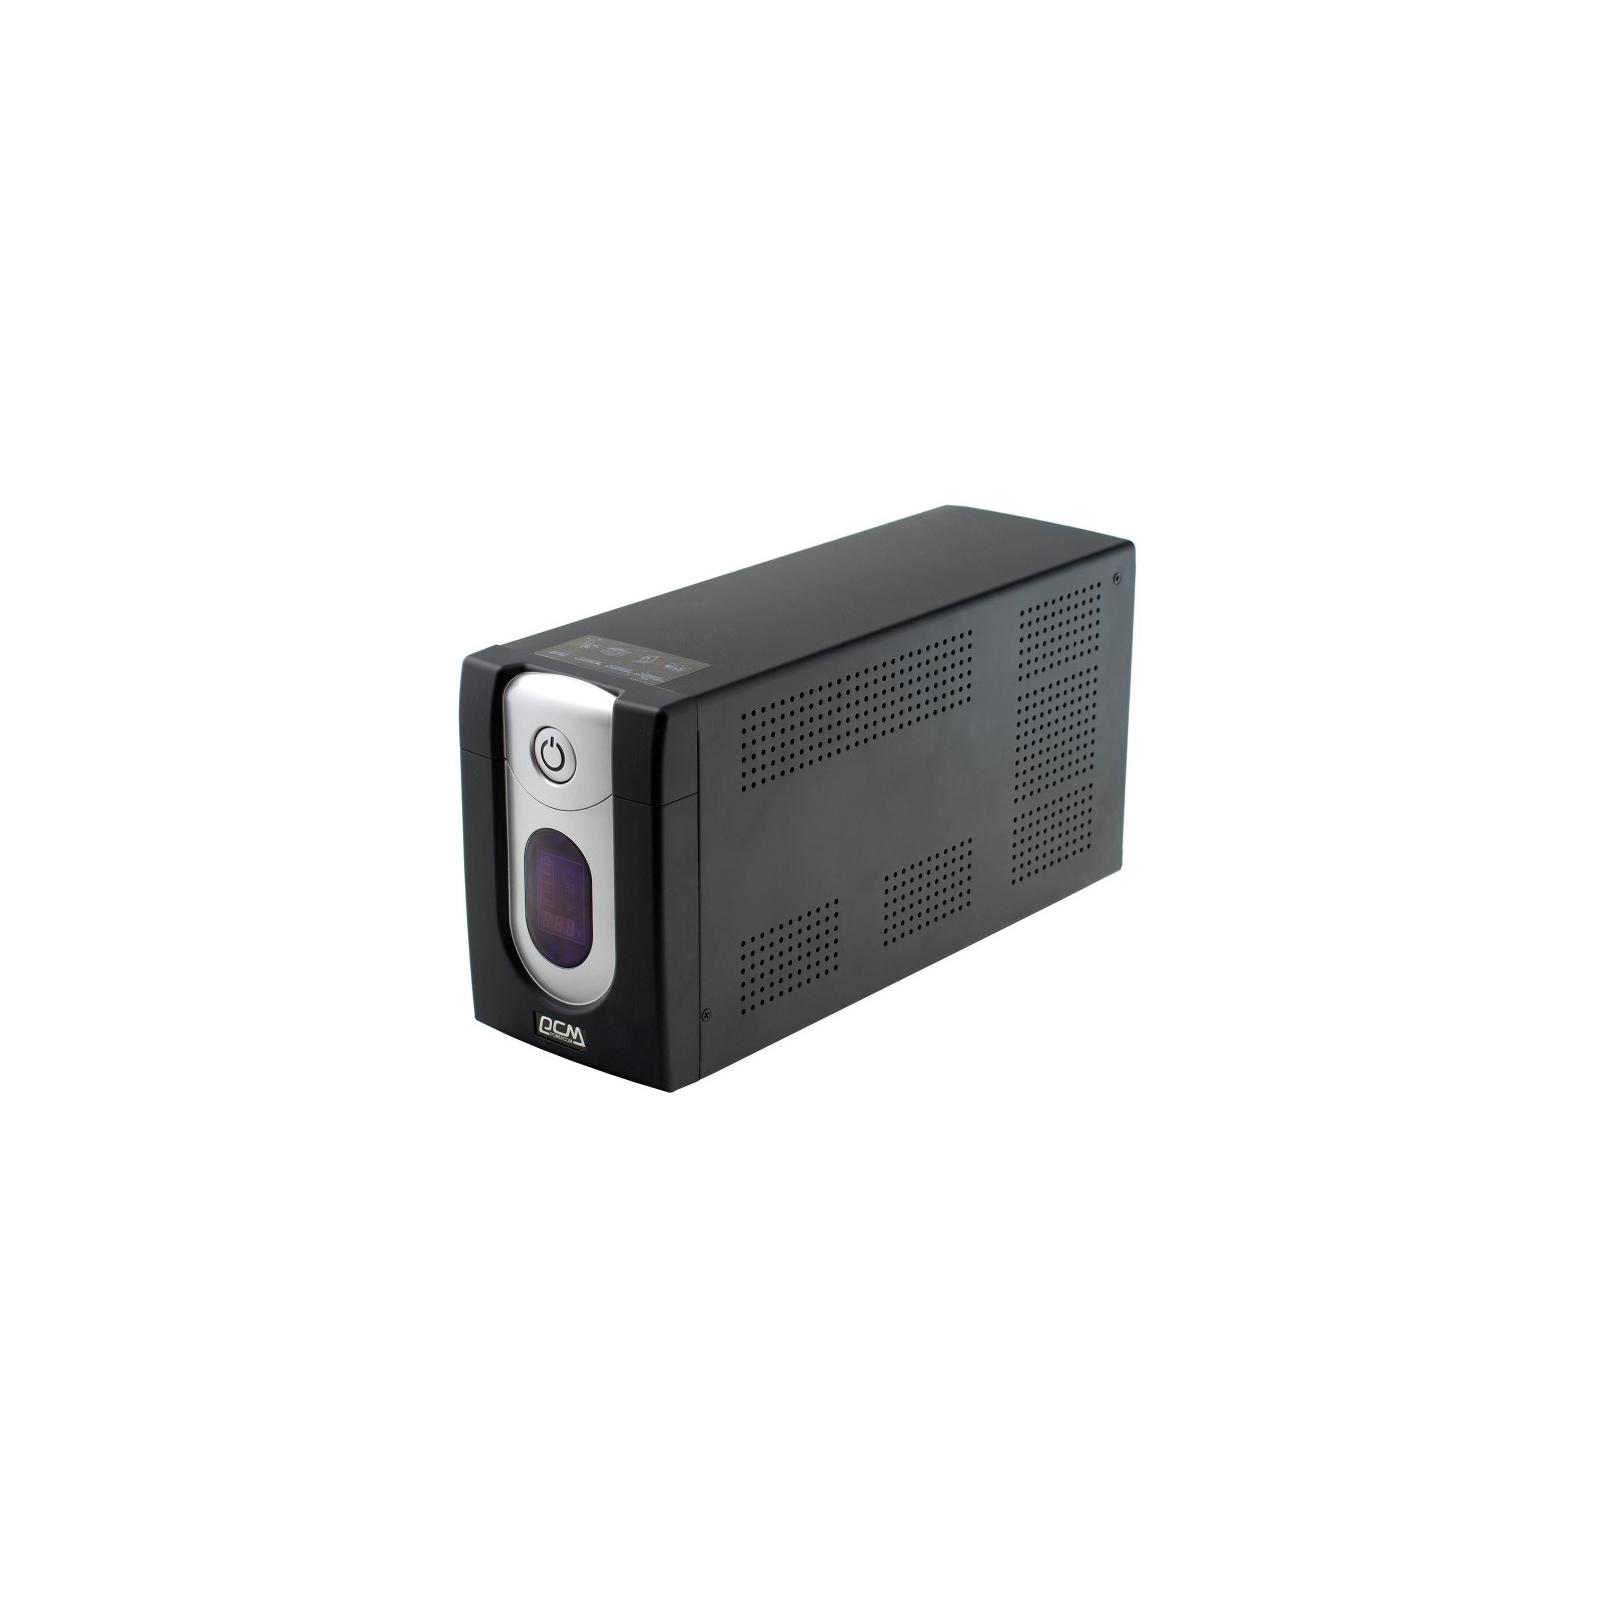 Источник бесперебойного питания IMD-1200 АР Powercom (IMD-1200 AP) изображение 4